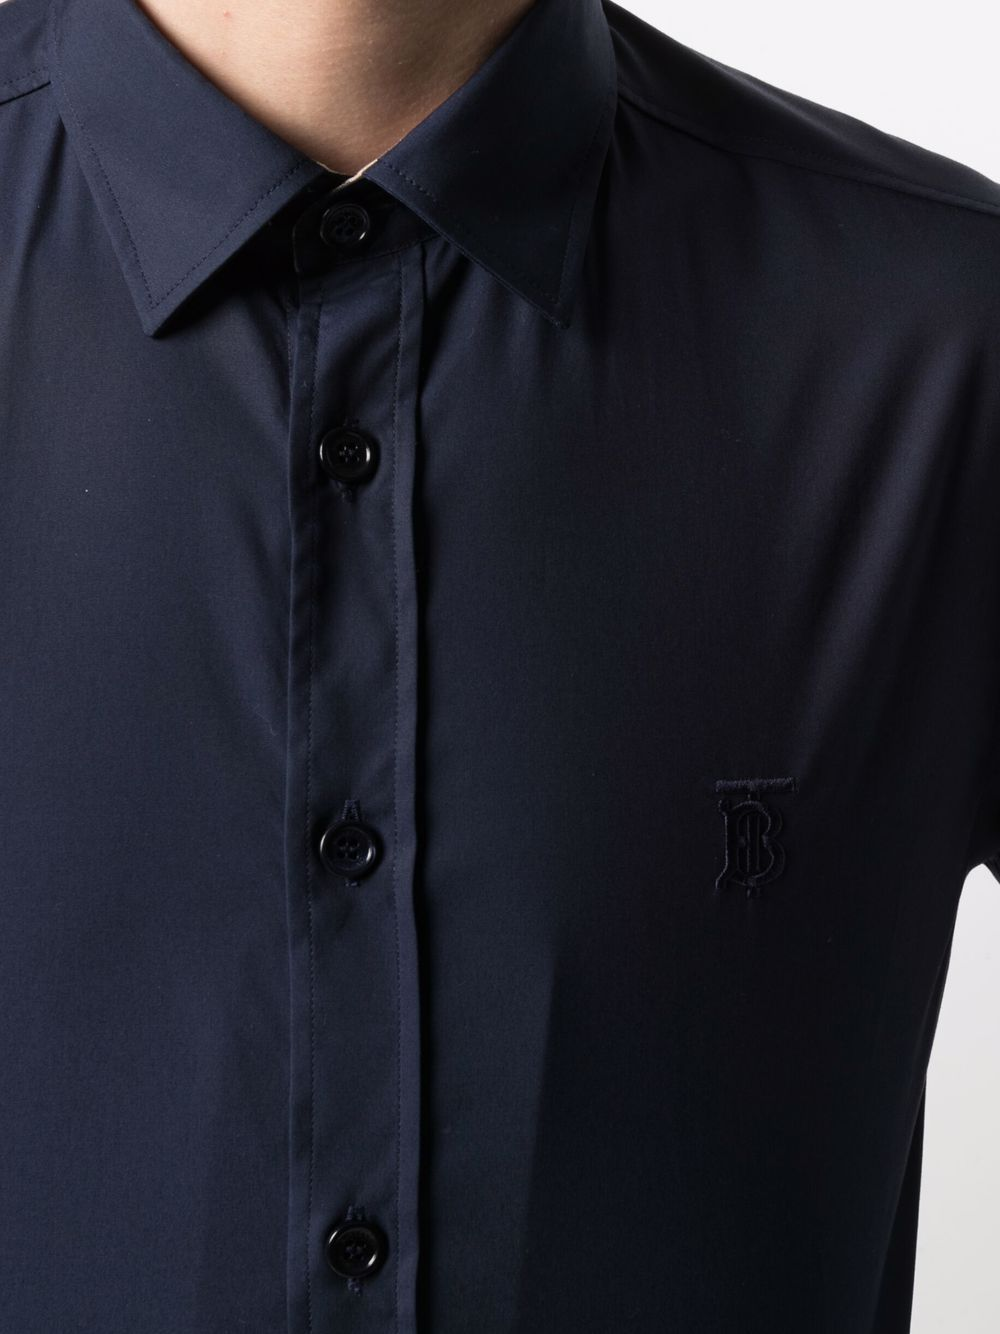 Camicia con monogramma TB in cotone elasticizzato blu navy BURBERRY | Camicie | 8032606-SHERWOODA1222